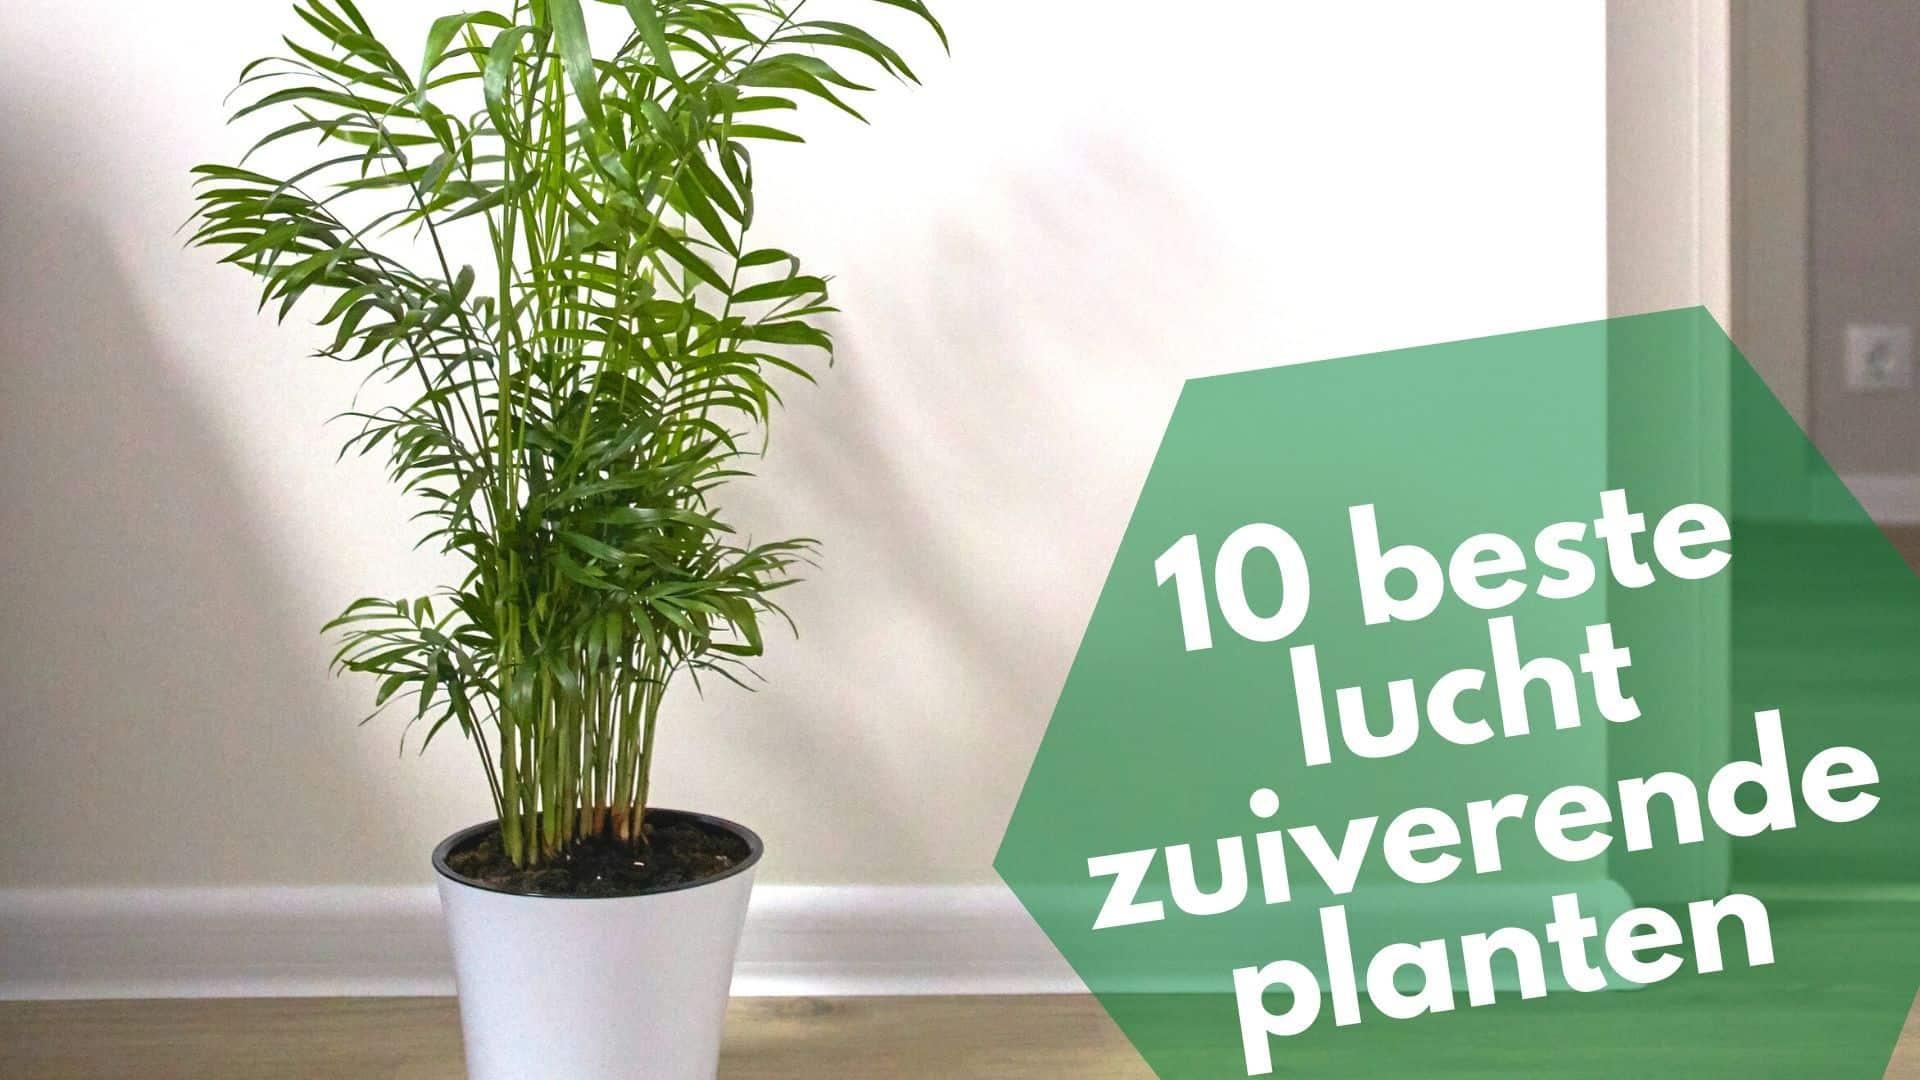 Deze planten zuiveren de lucht het best en geven de meeste zuurstof